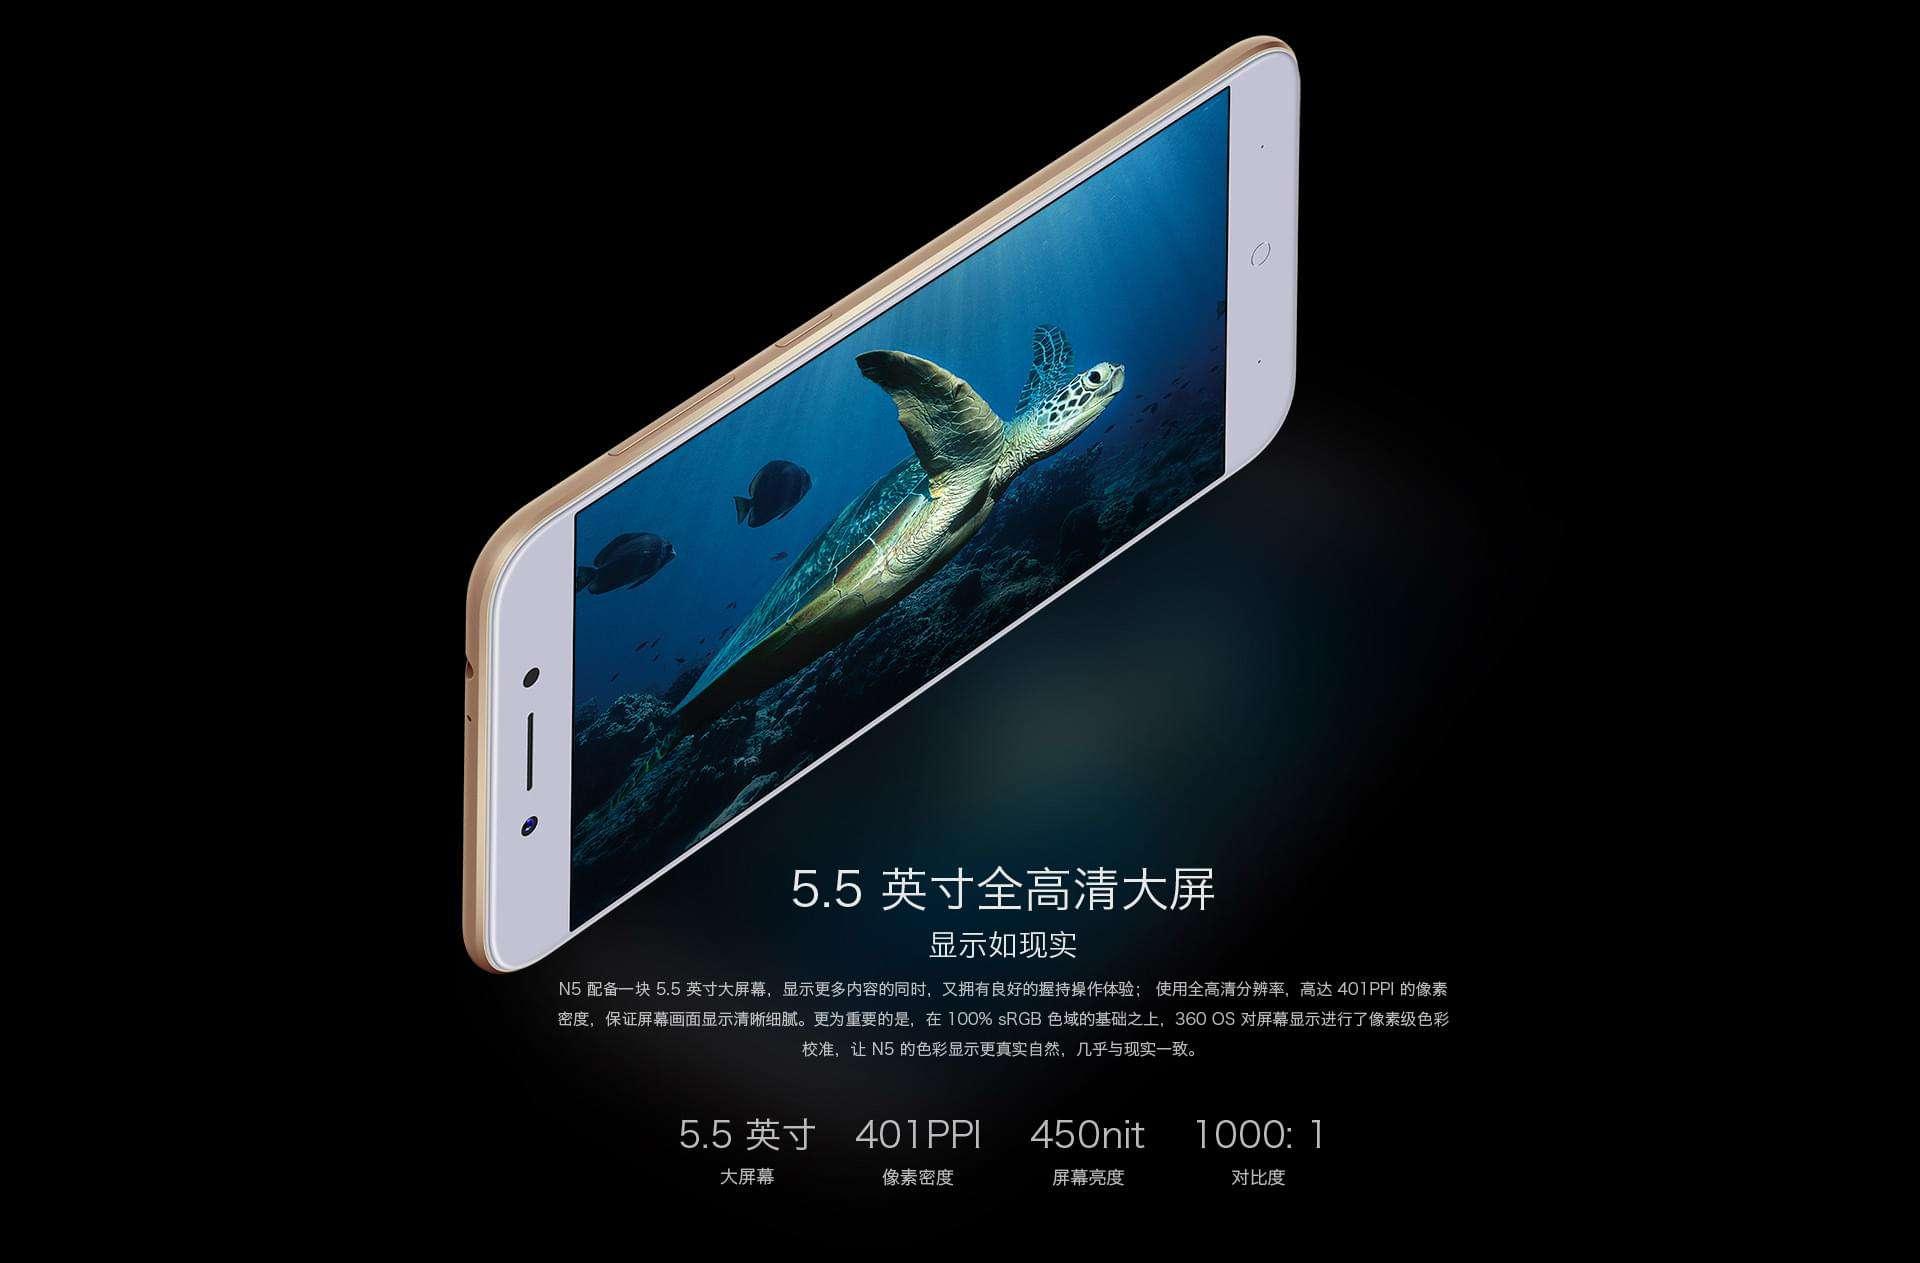 Qihoo 360 N5 KK 5